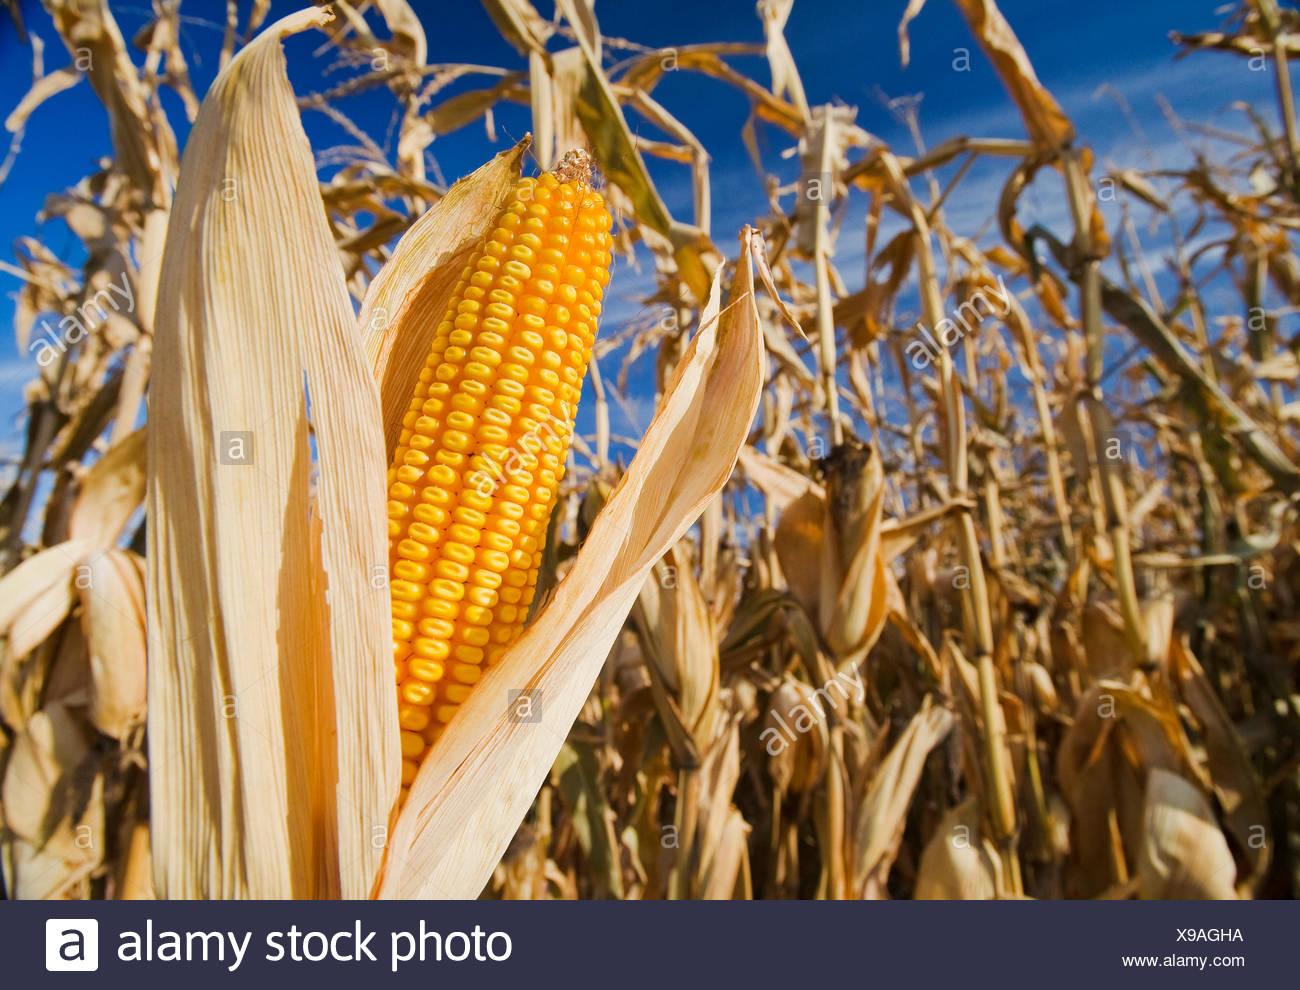 Nahaufnahme der Futtermittel/Getreide Mais,, in der Nähe von Carey, Manitoba, Kanada Stockbild